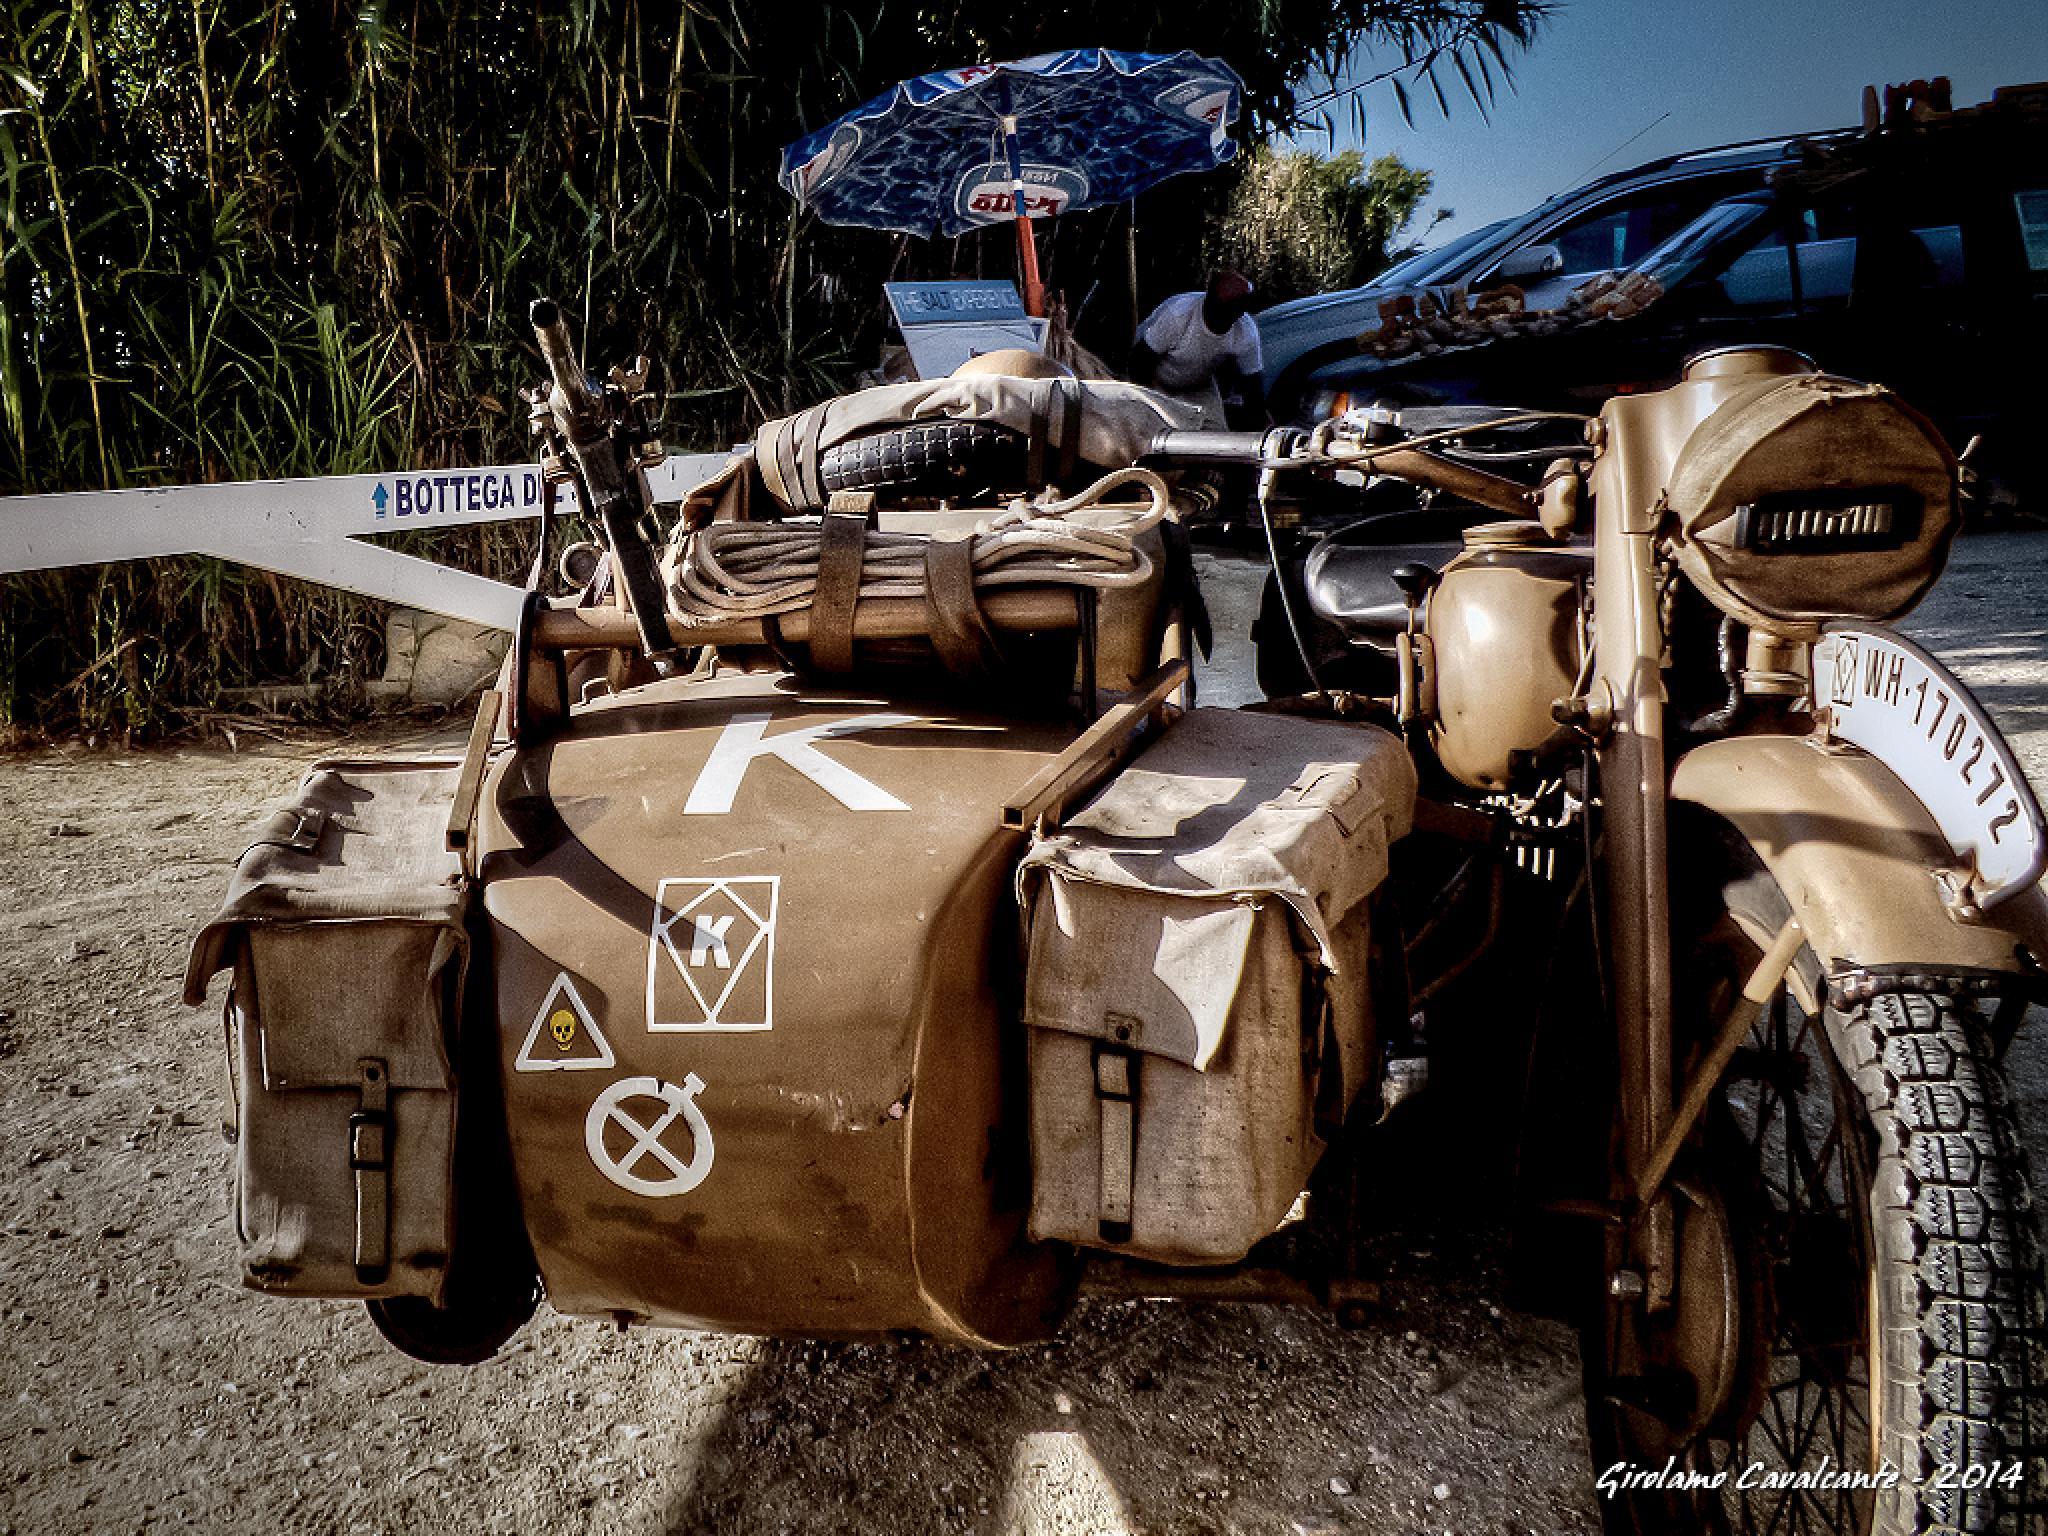 WW II Motorcycle by GiroPhoto - Girolamo Cavalcante